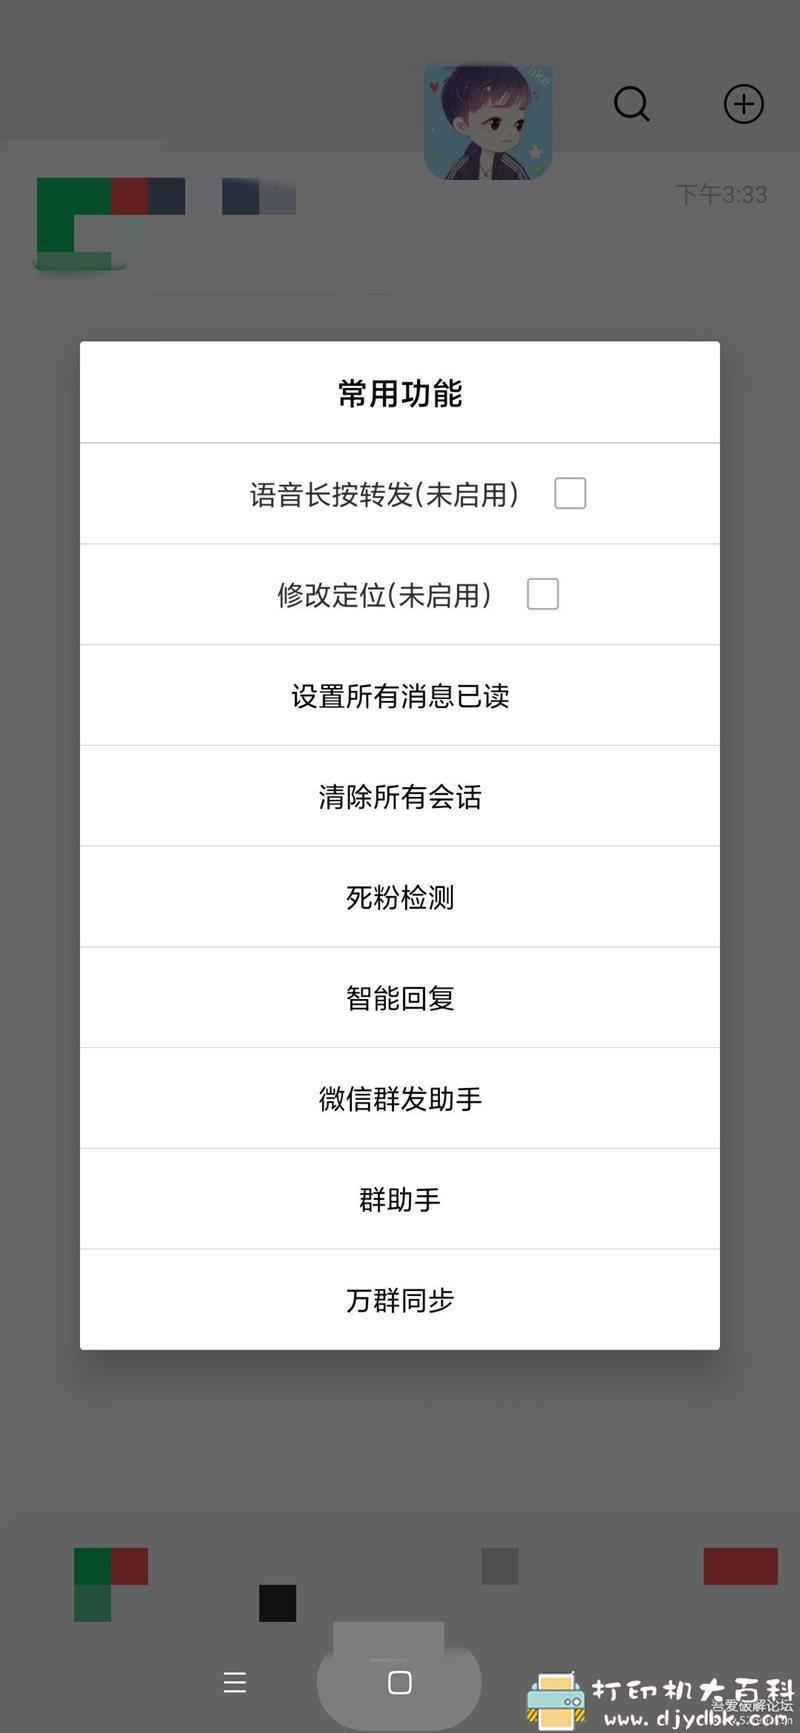 [Android]微信辅助工具 萌豆助手5.0(兼容安卓10) 配图 No.2